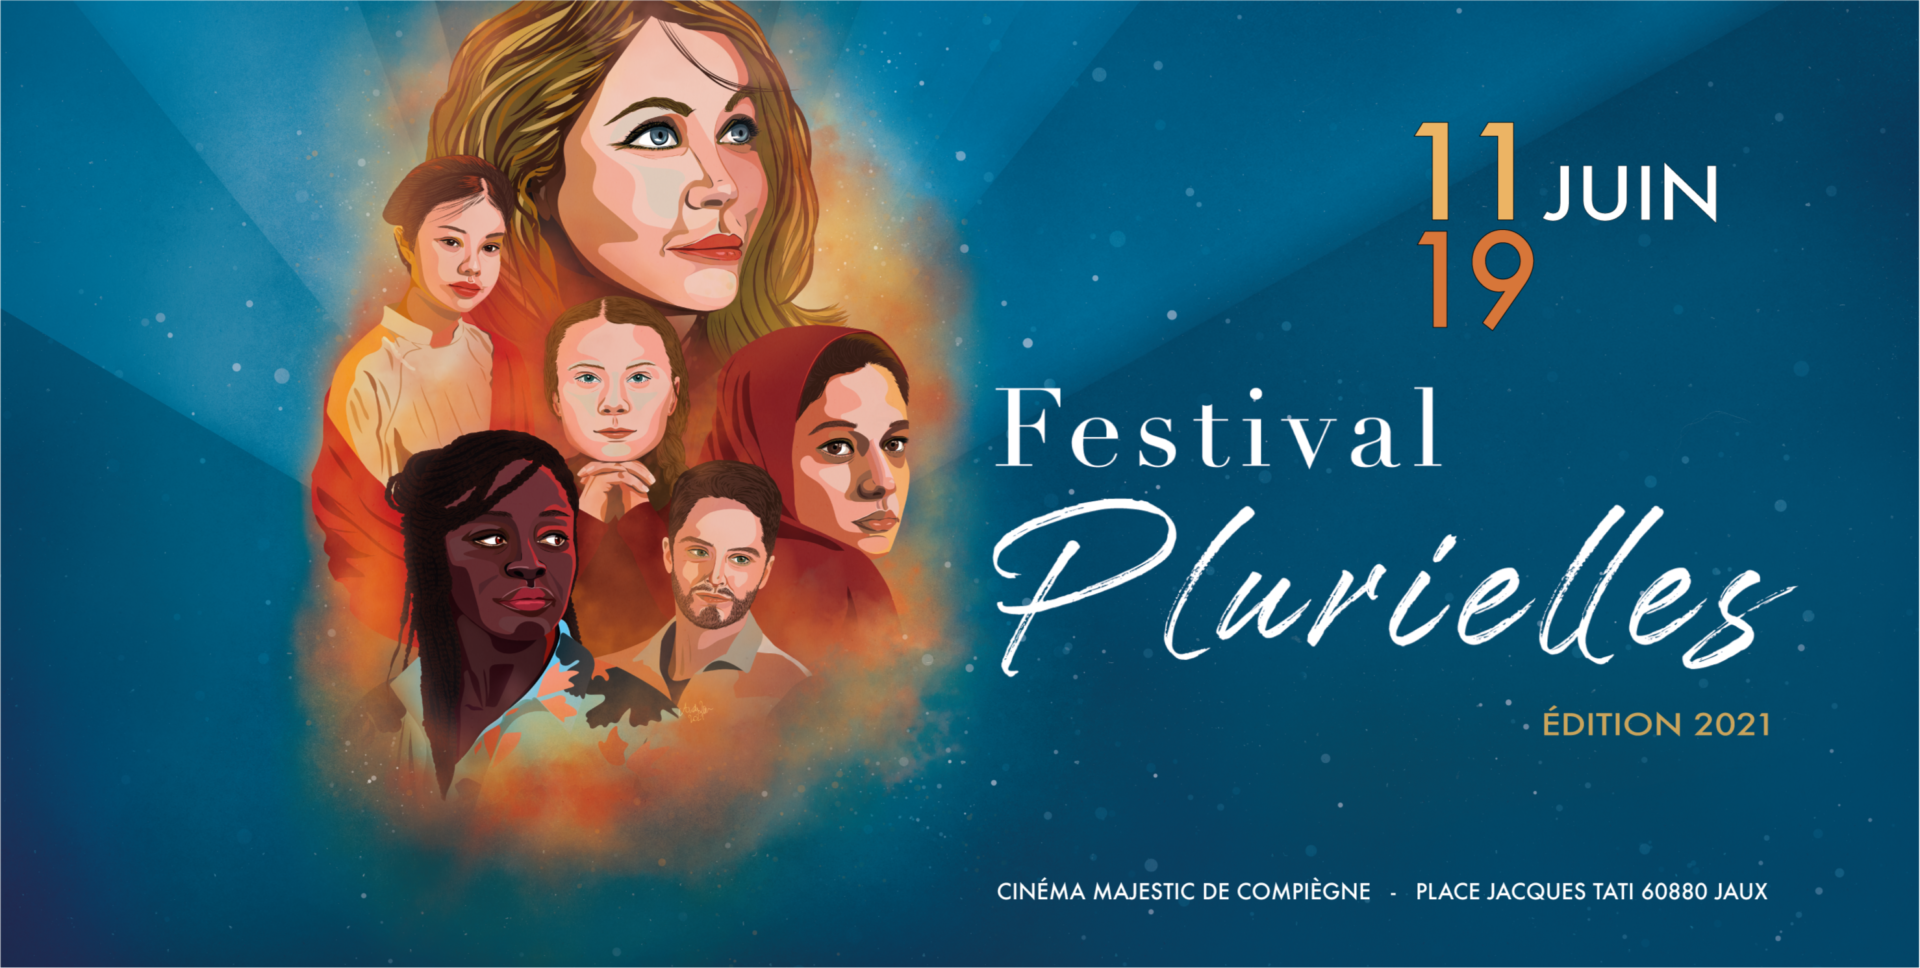 La 4ème édition du Festival Plurielles